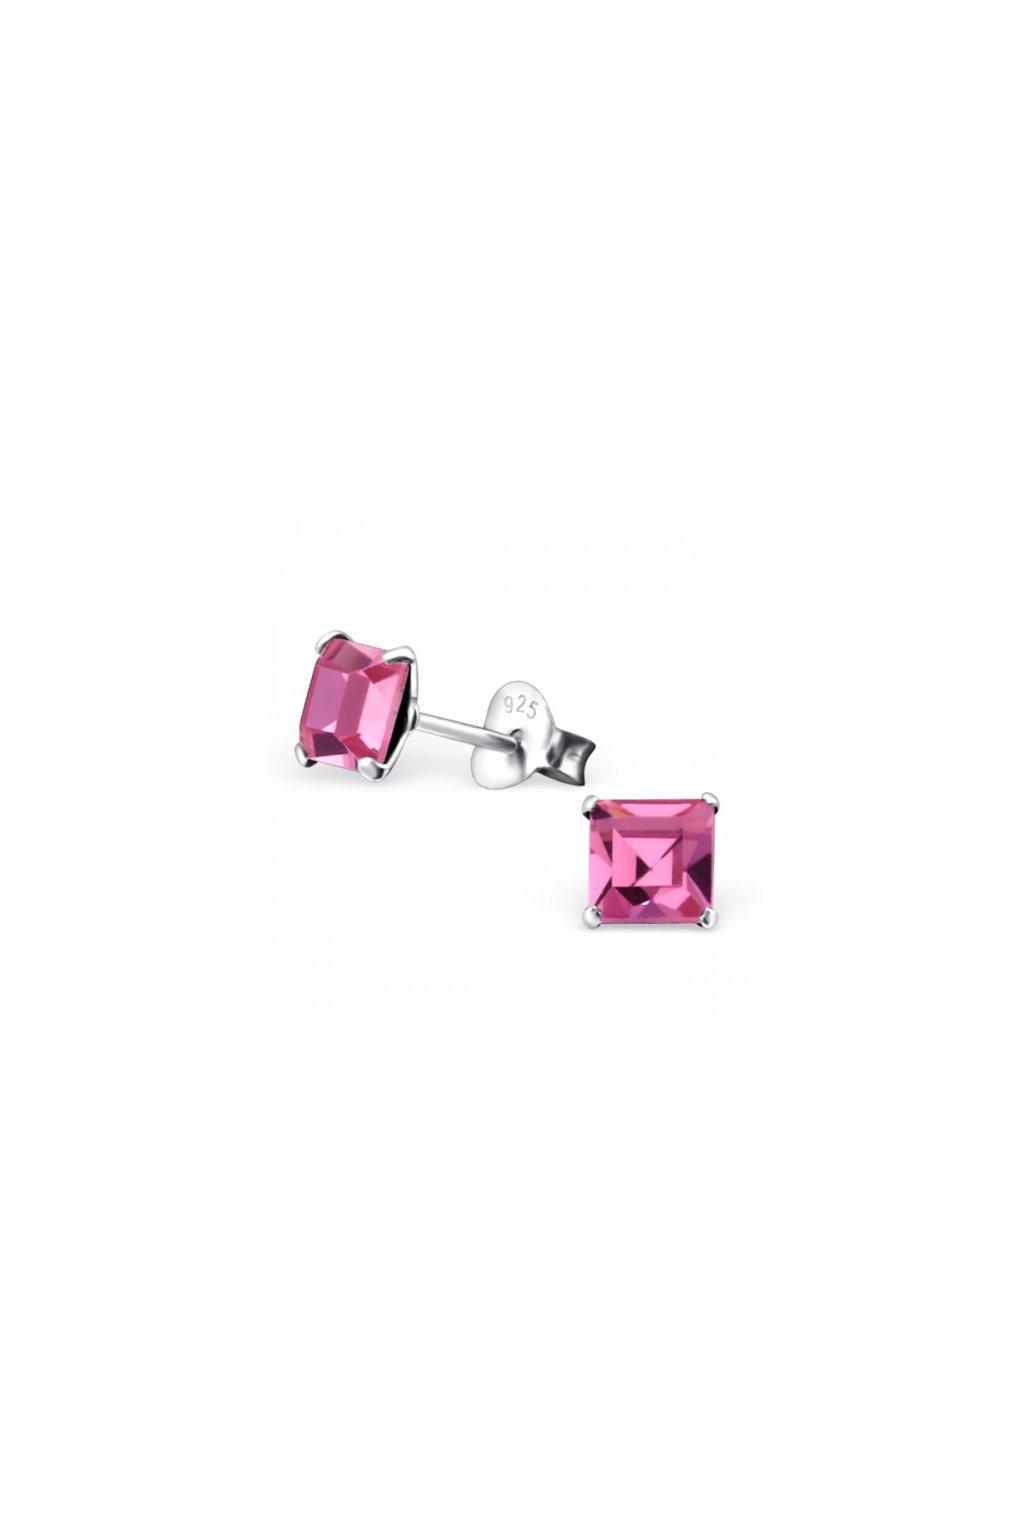 Strieborné náušnice štvorce - 925 cz ružový kryštál MS21525